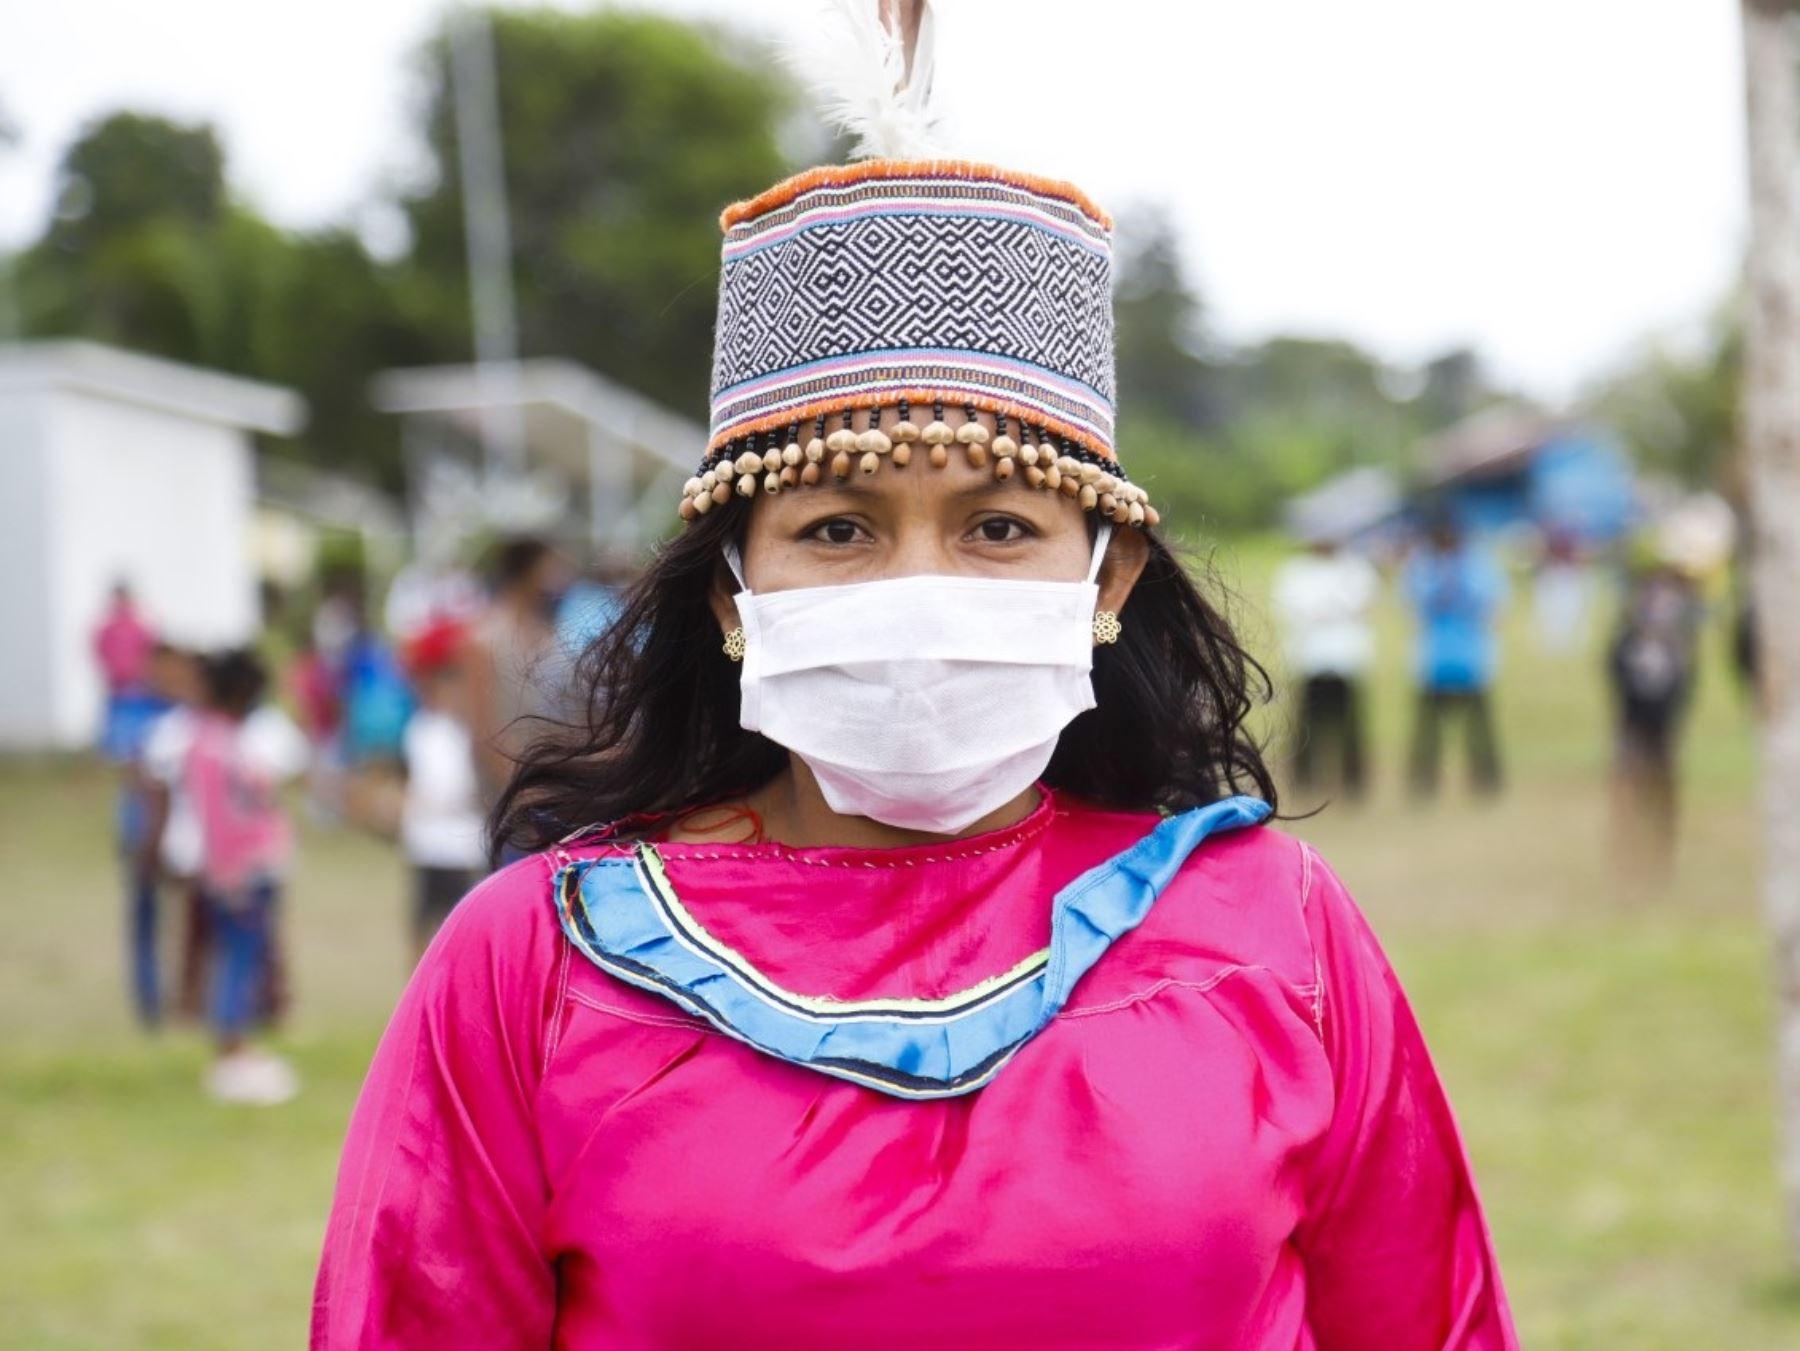 Ministerio de Cultura refuerza lucha contra la pandemia de coronavirus (covid-19) en comunidades indígenas con llamadas y mensajes de texto en lenguas indígenas.